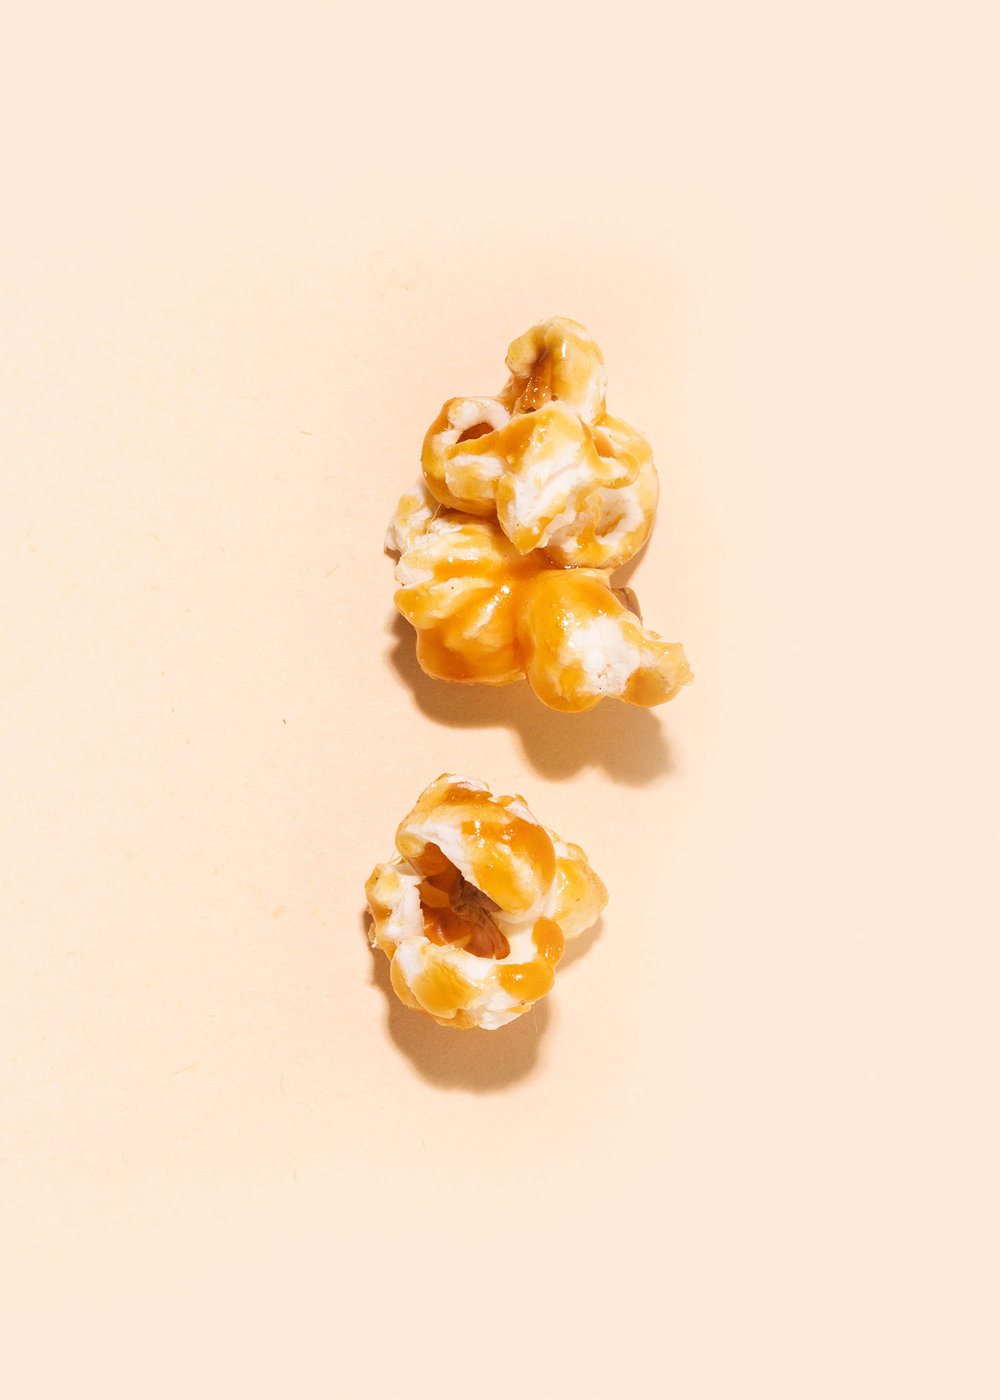 03_NOMNOM_Karamell_Popcorn_Fleur_de_Sel.jpg